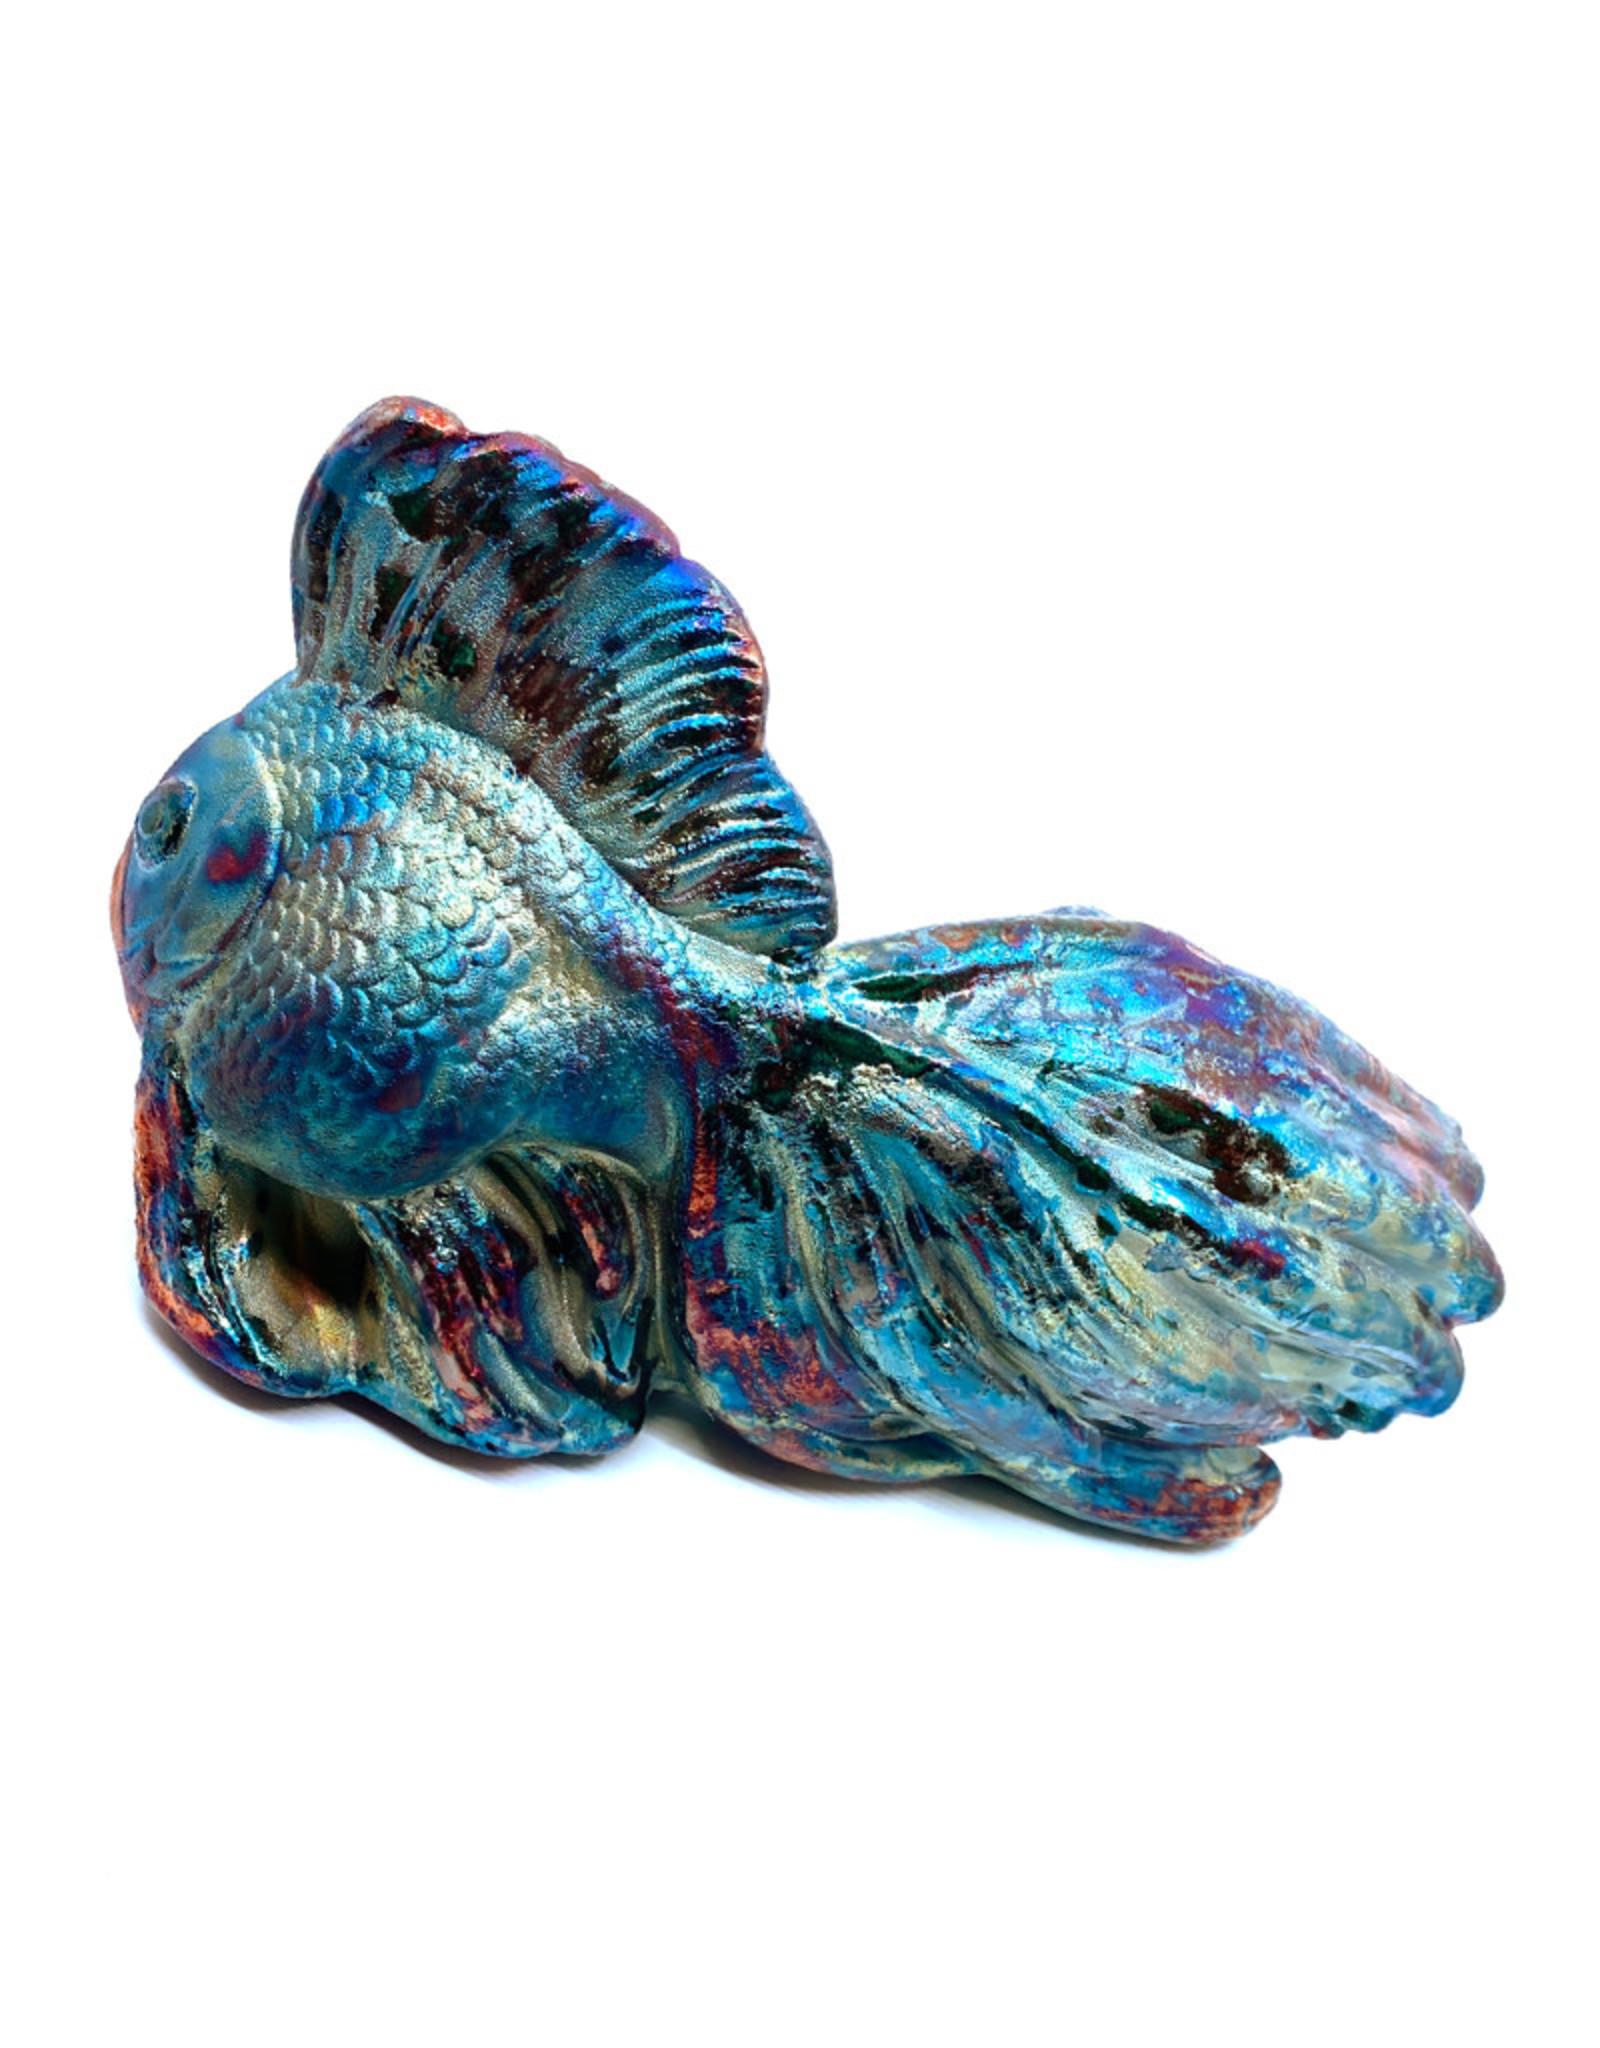 RAKU ART RAKU KOI FISH